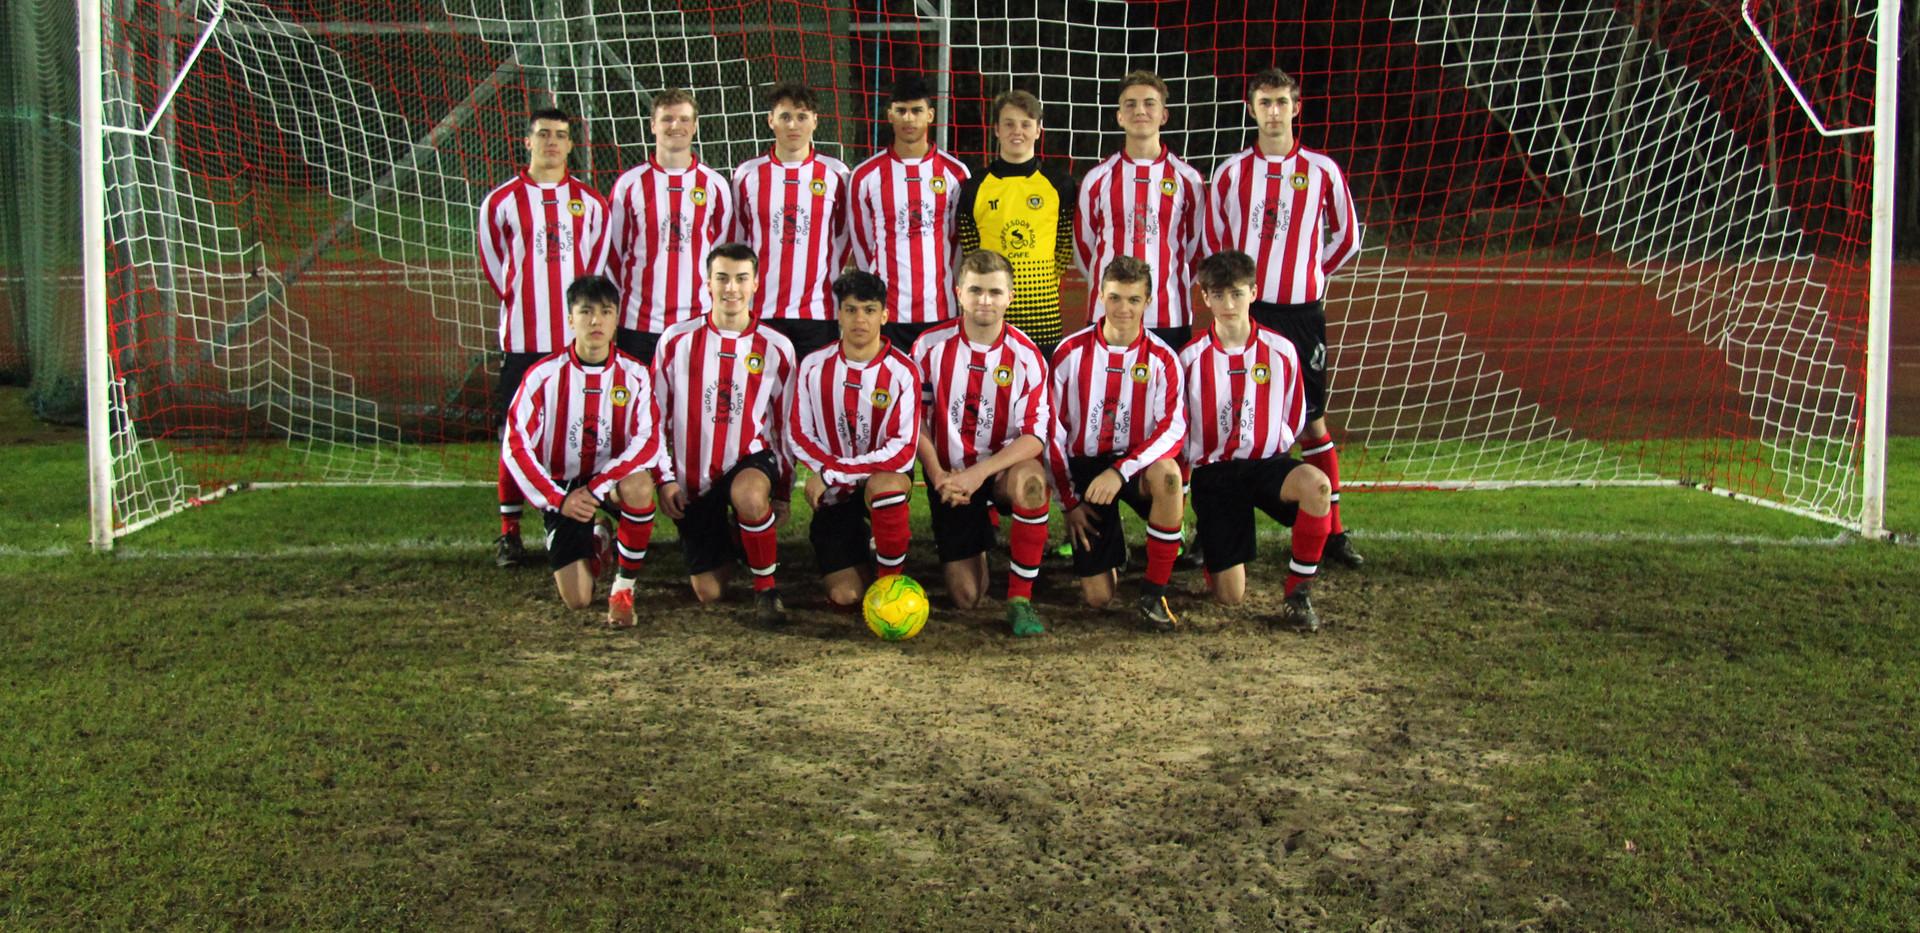 Youth Football Club.jpg